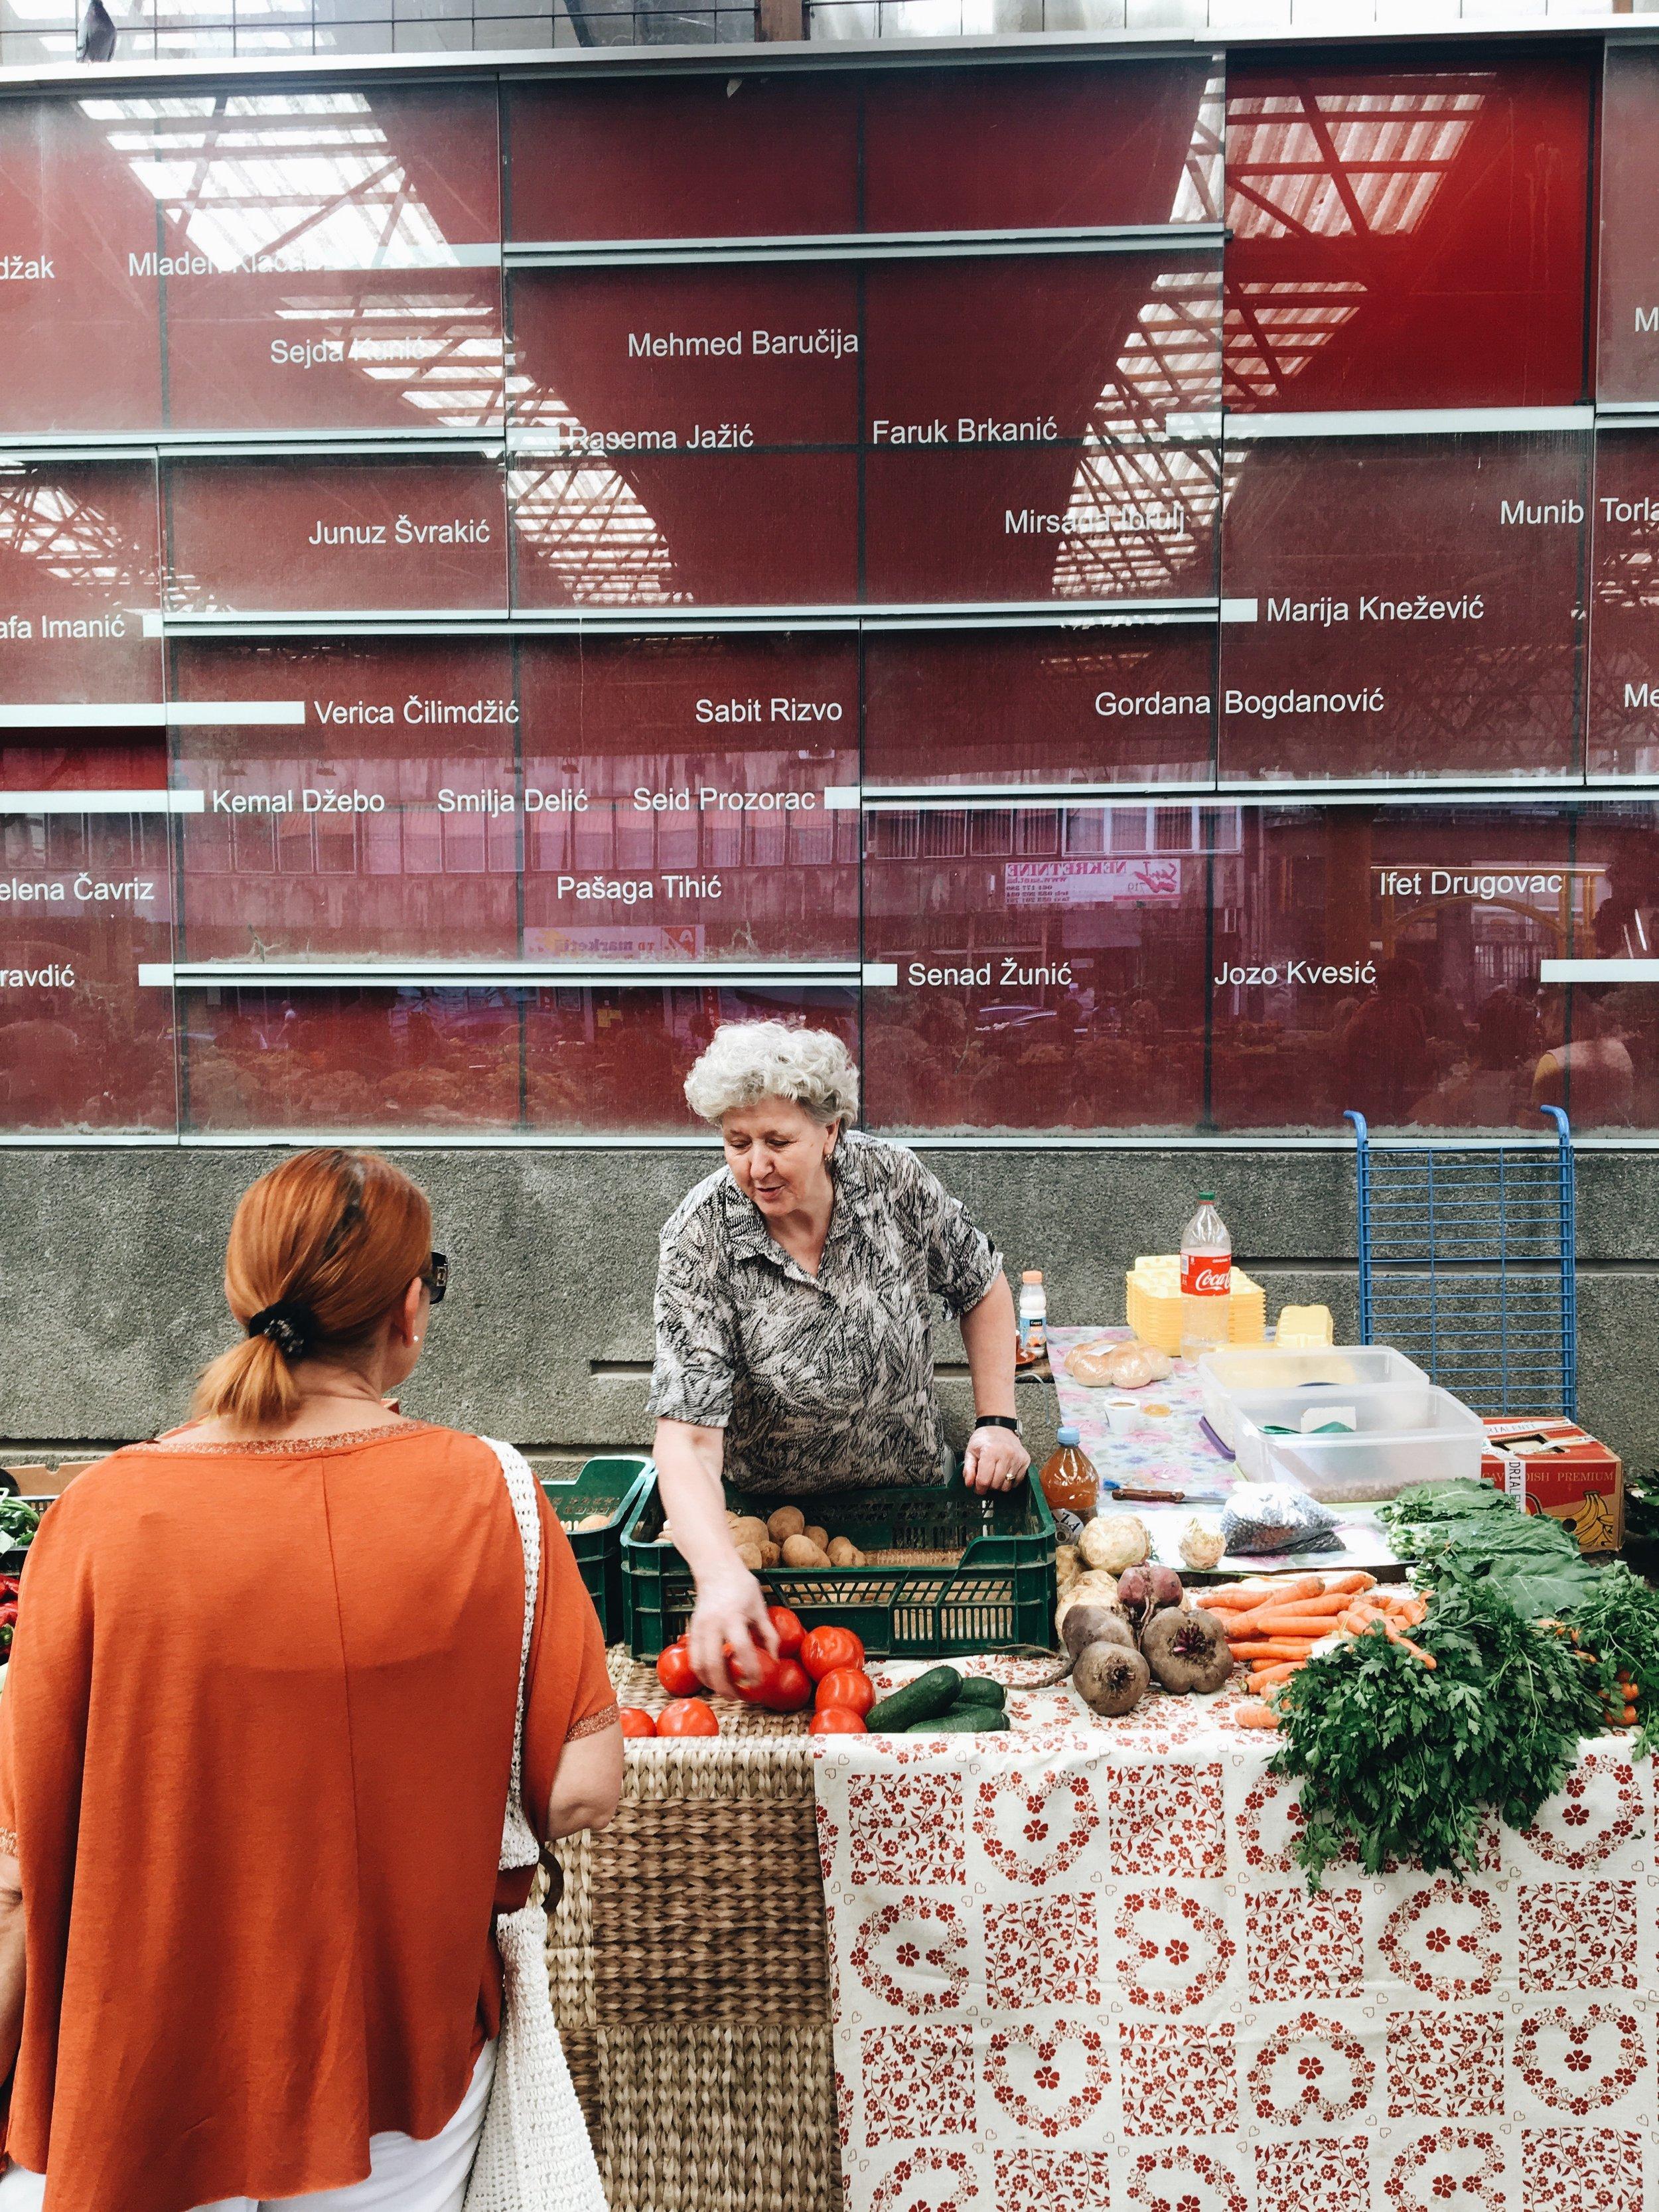 AlexandreKurek_Sarajevo_Market2.jpg